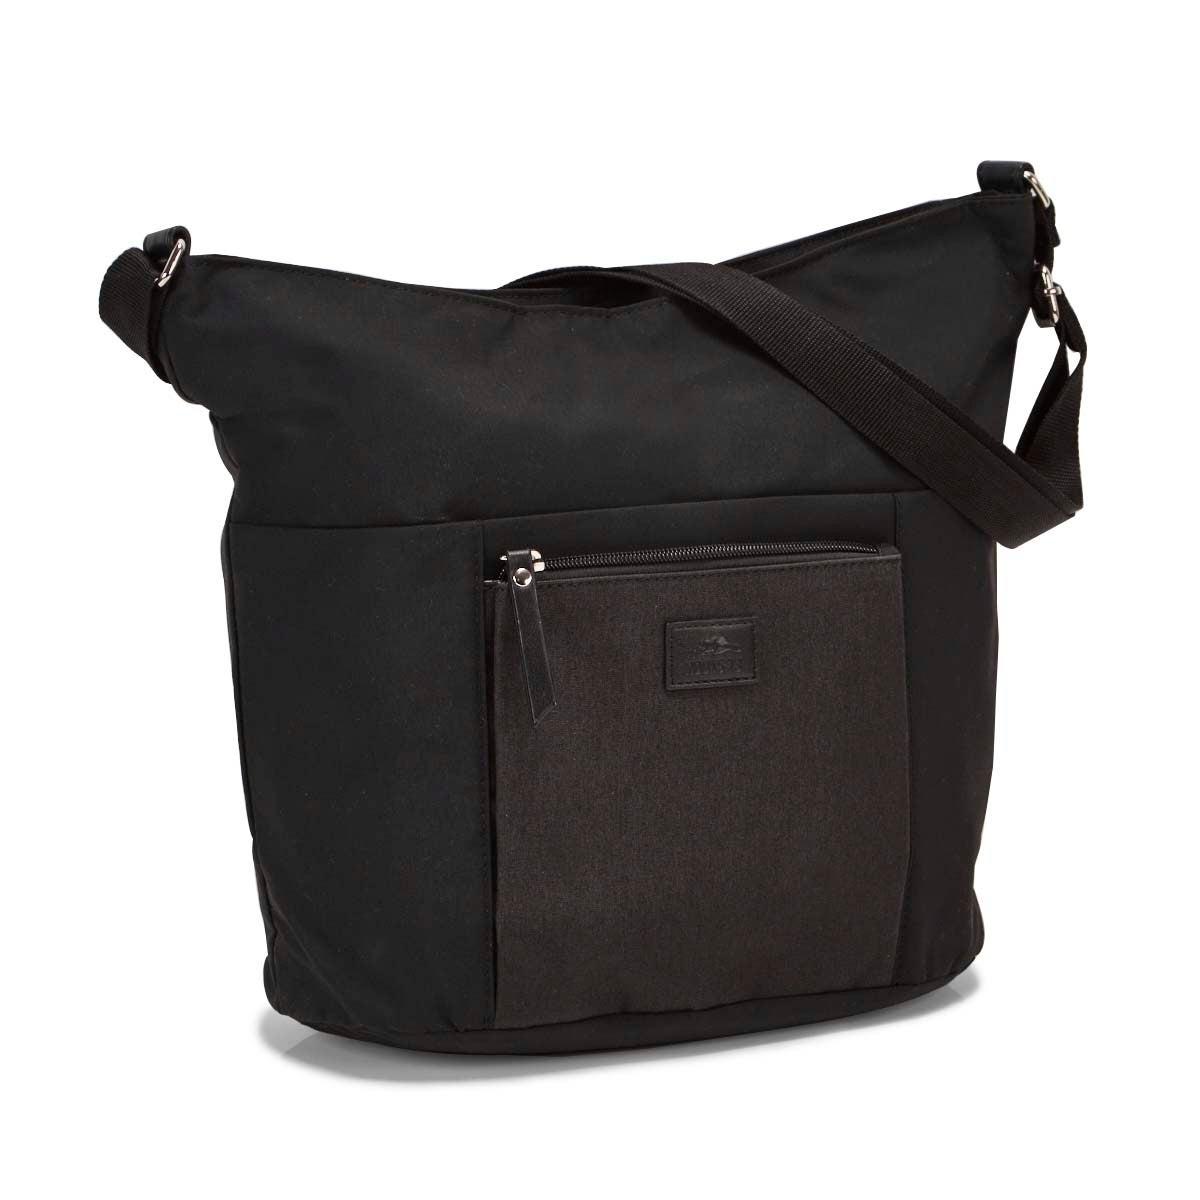 Lds Roots73 black front pocket hobo bag